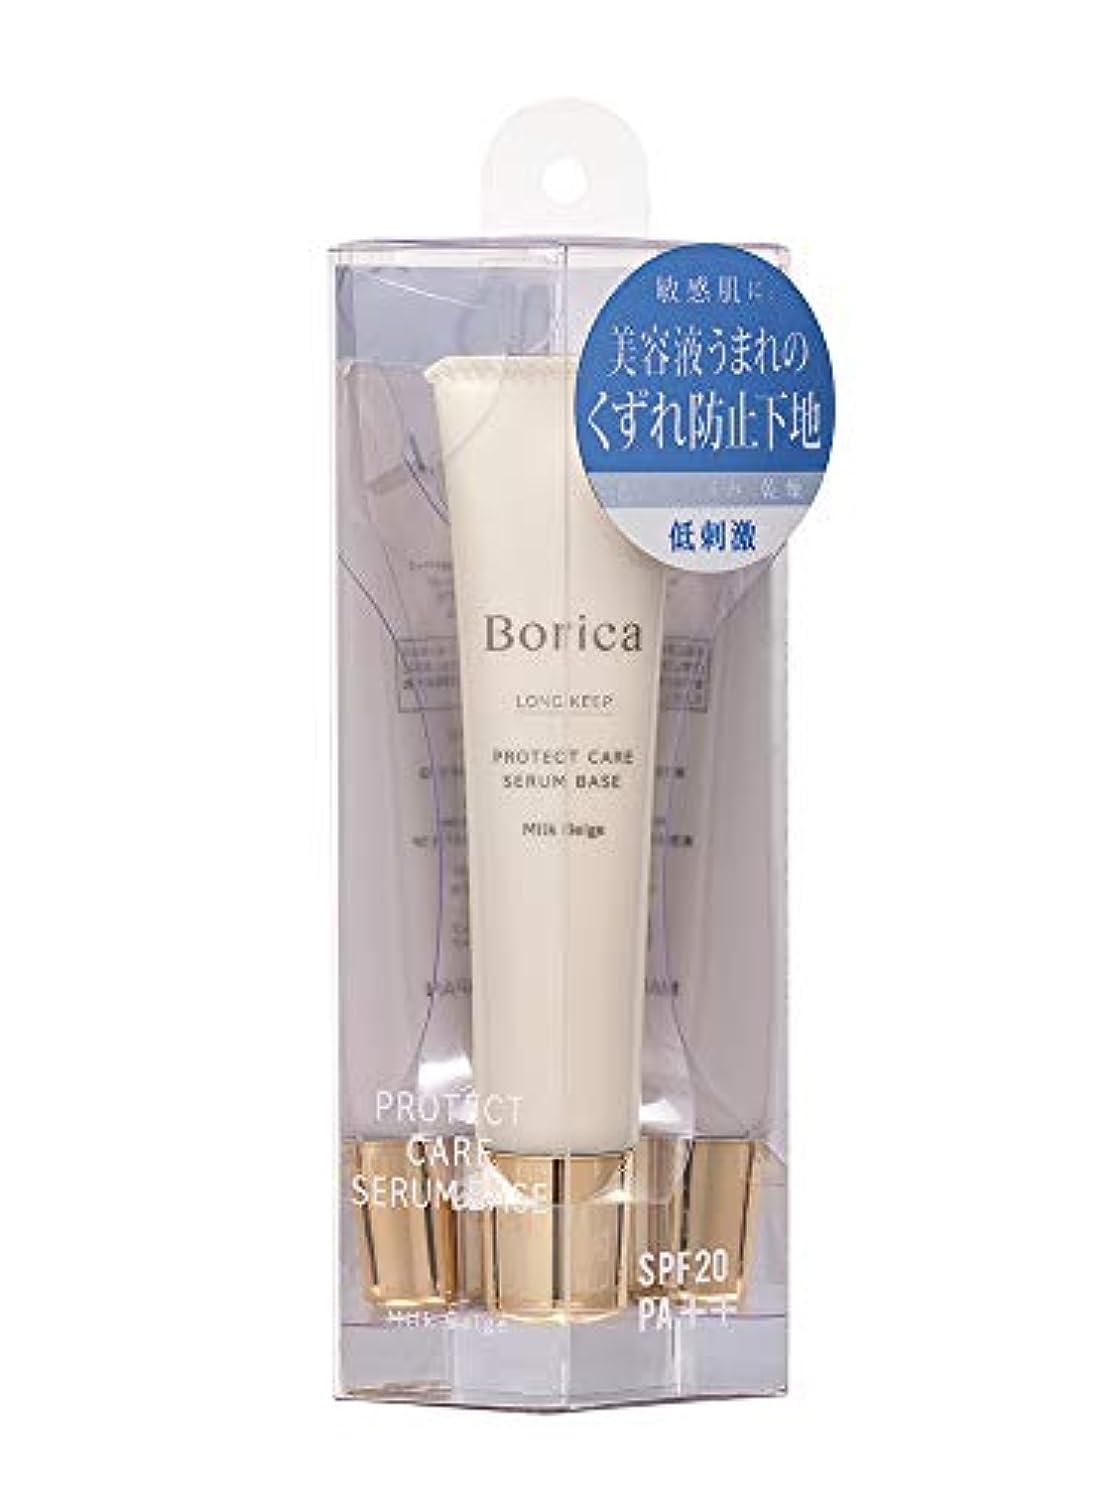 ウナギ定期的に誘発するBorica ボリカ くずれ防止 美容液ケアベース<ミルクベージュ>